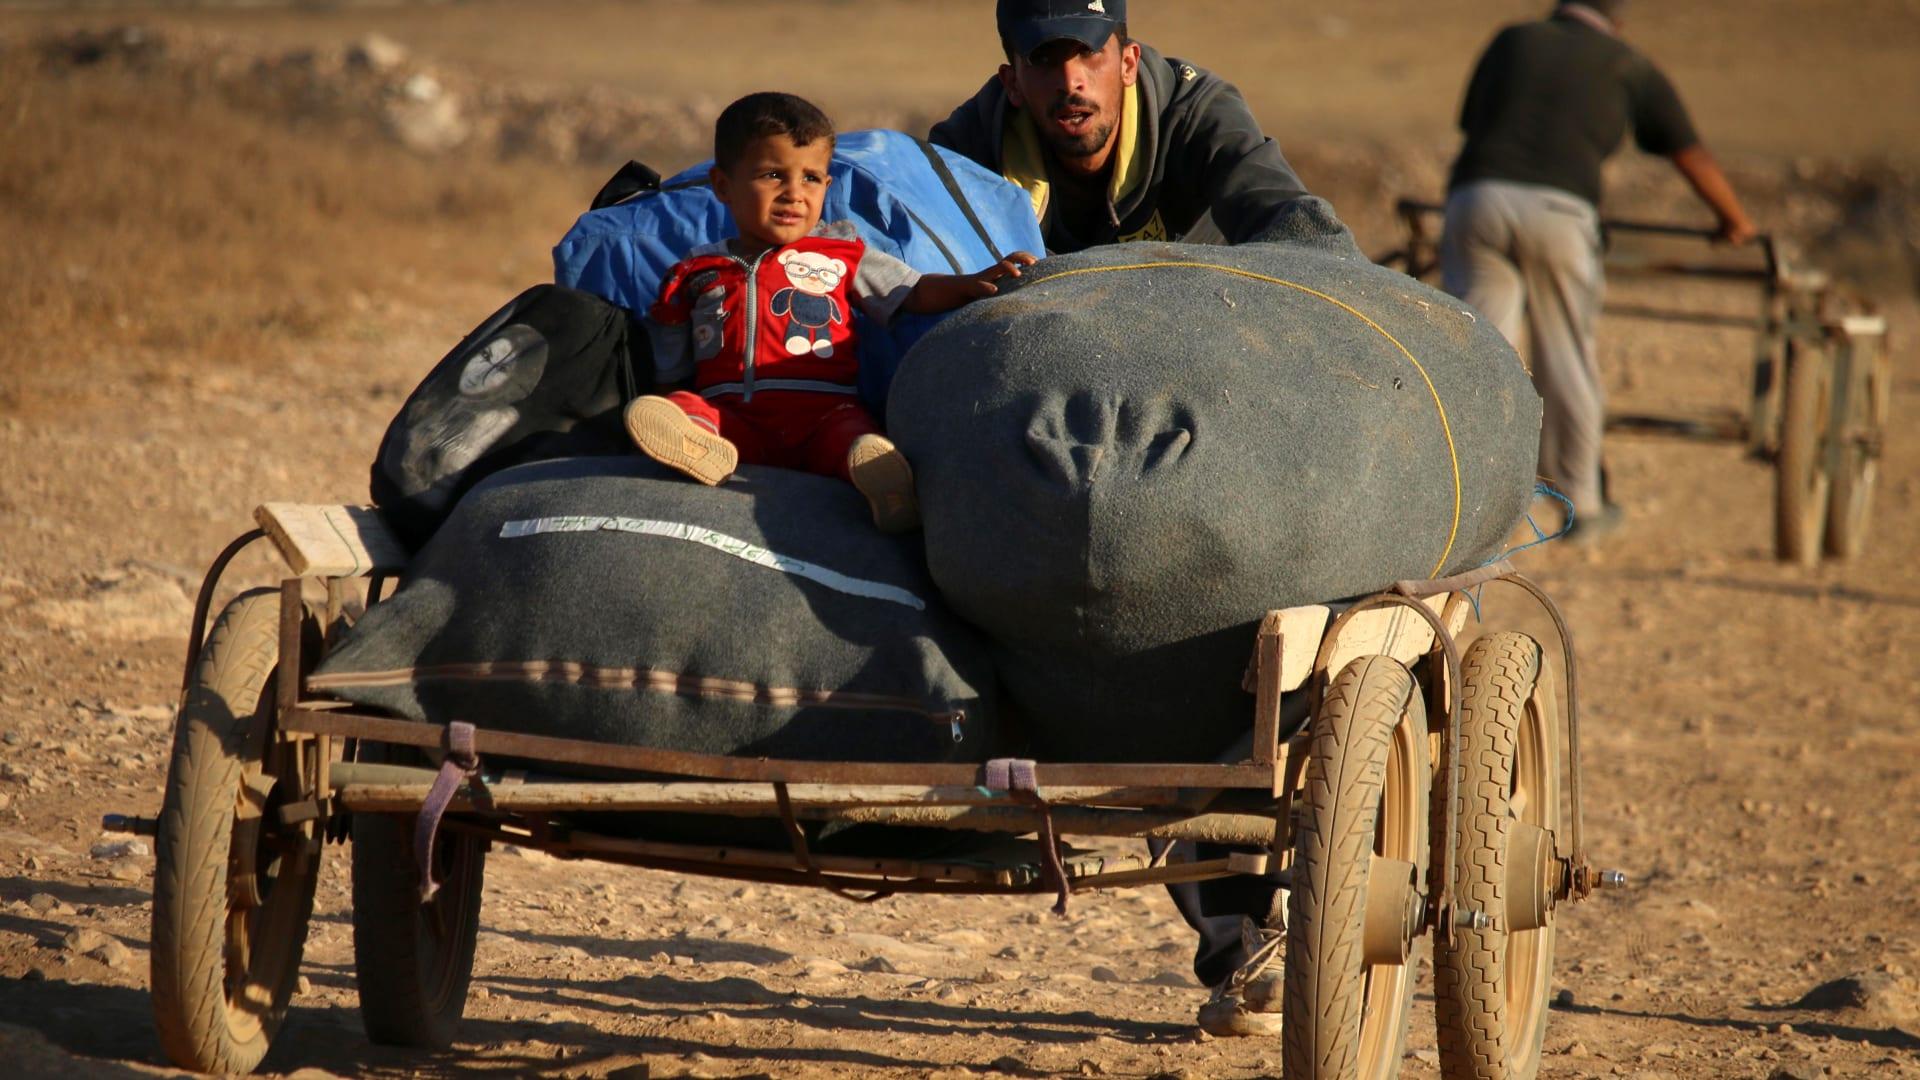 """الحكومة السورية تدعو النازحين للعودة إلى مناطقهم بعد """"تحريرها من الإرهاب"""""""